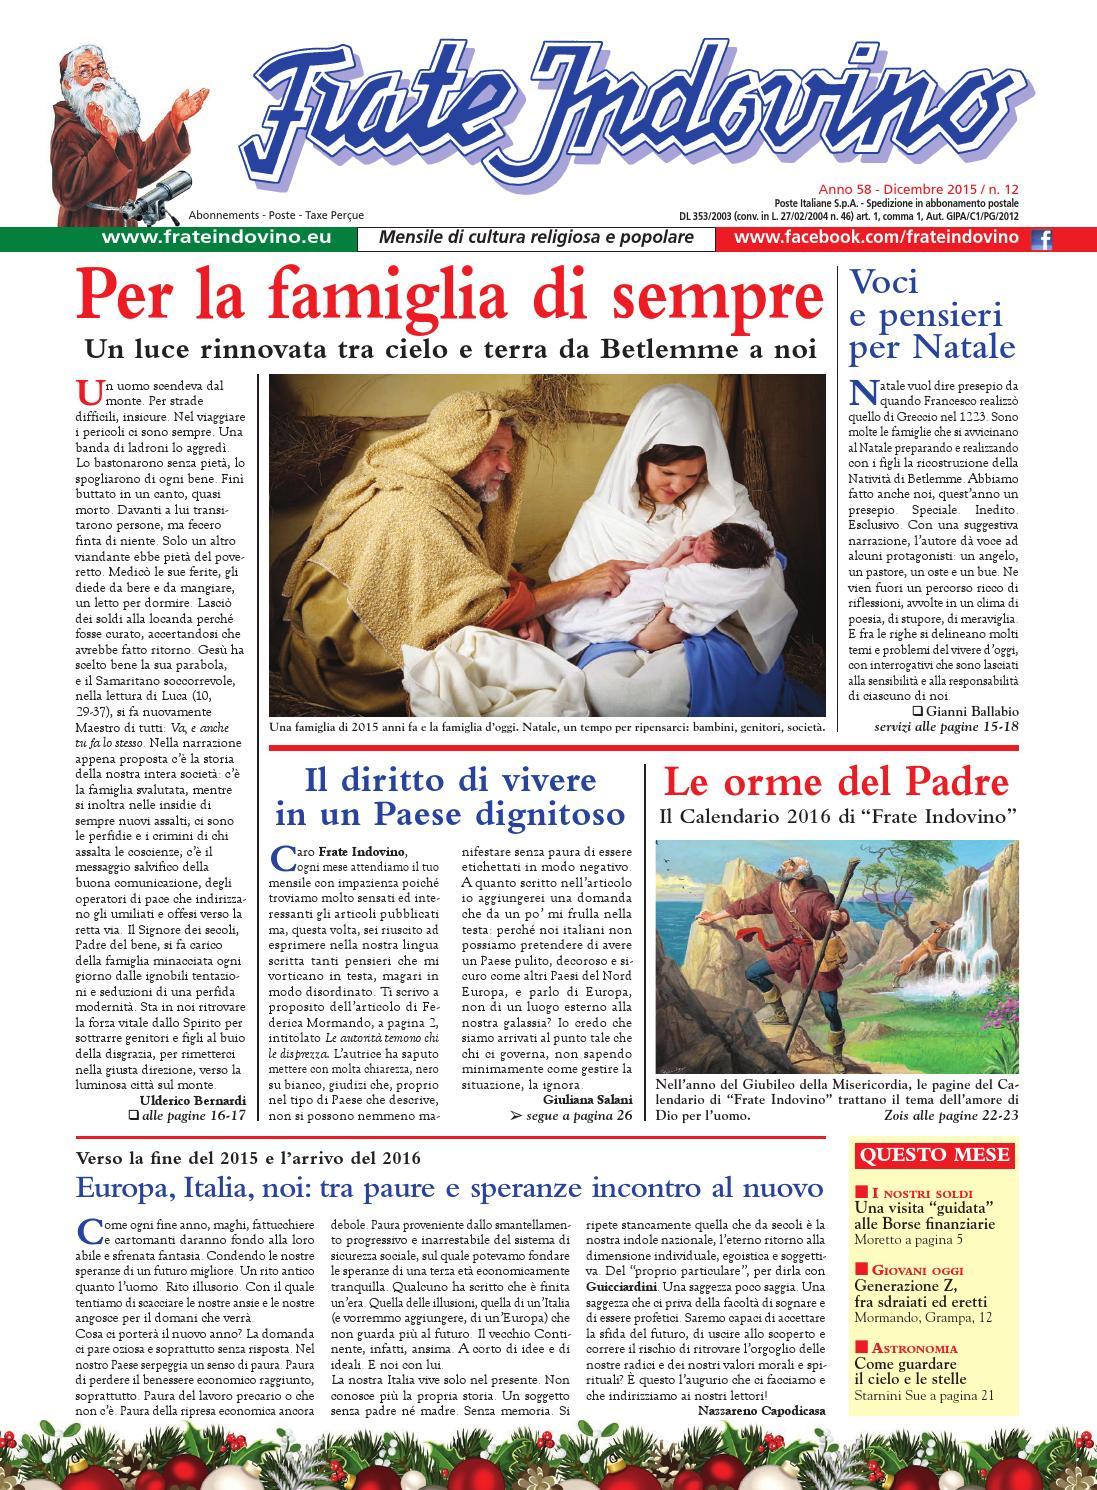 Calendario Frate Indovino 2020 In Edicola.Dicembre By Edizioni Frate Indovino Issuu